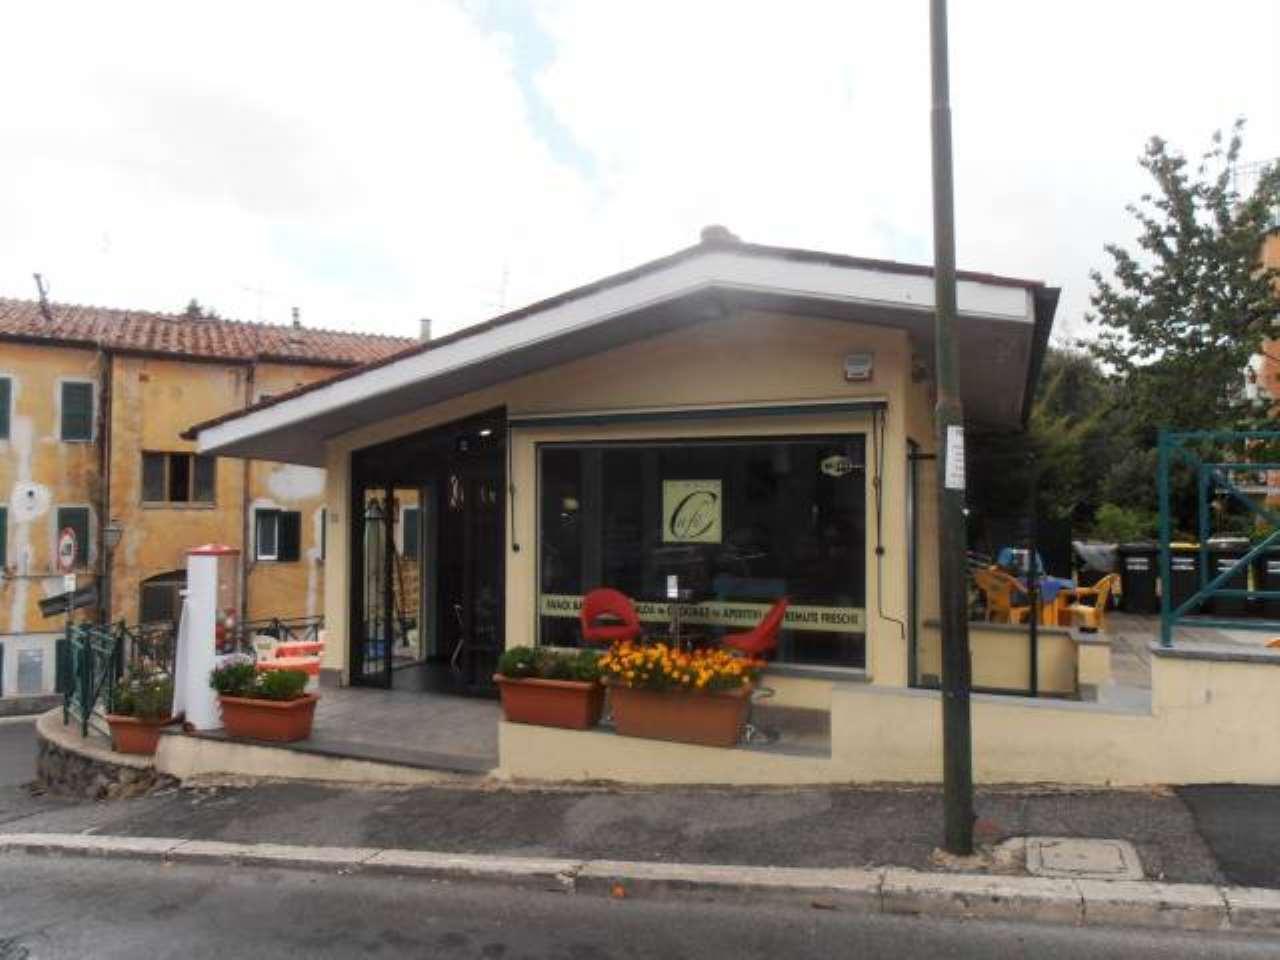 Bar in vendita a Ariccia, 1 locali, prezzo € 35.000 | CambioCasa.it